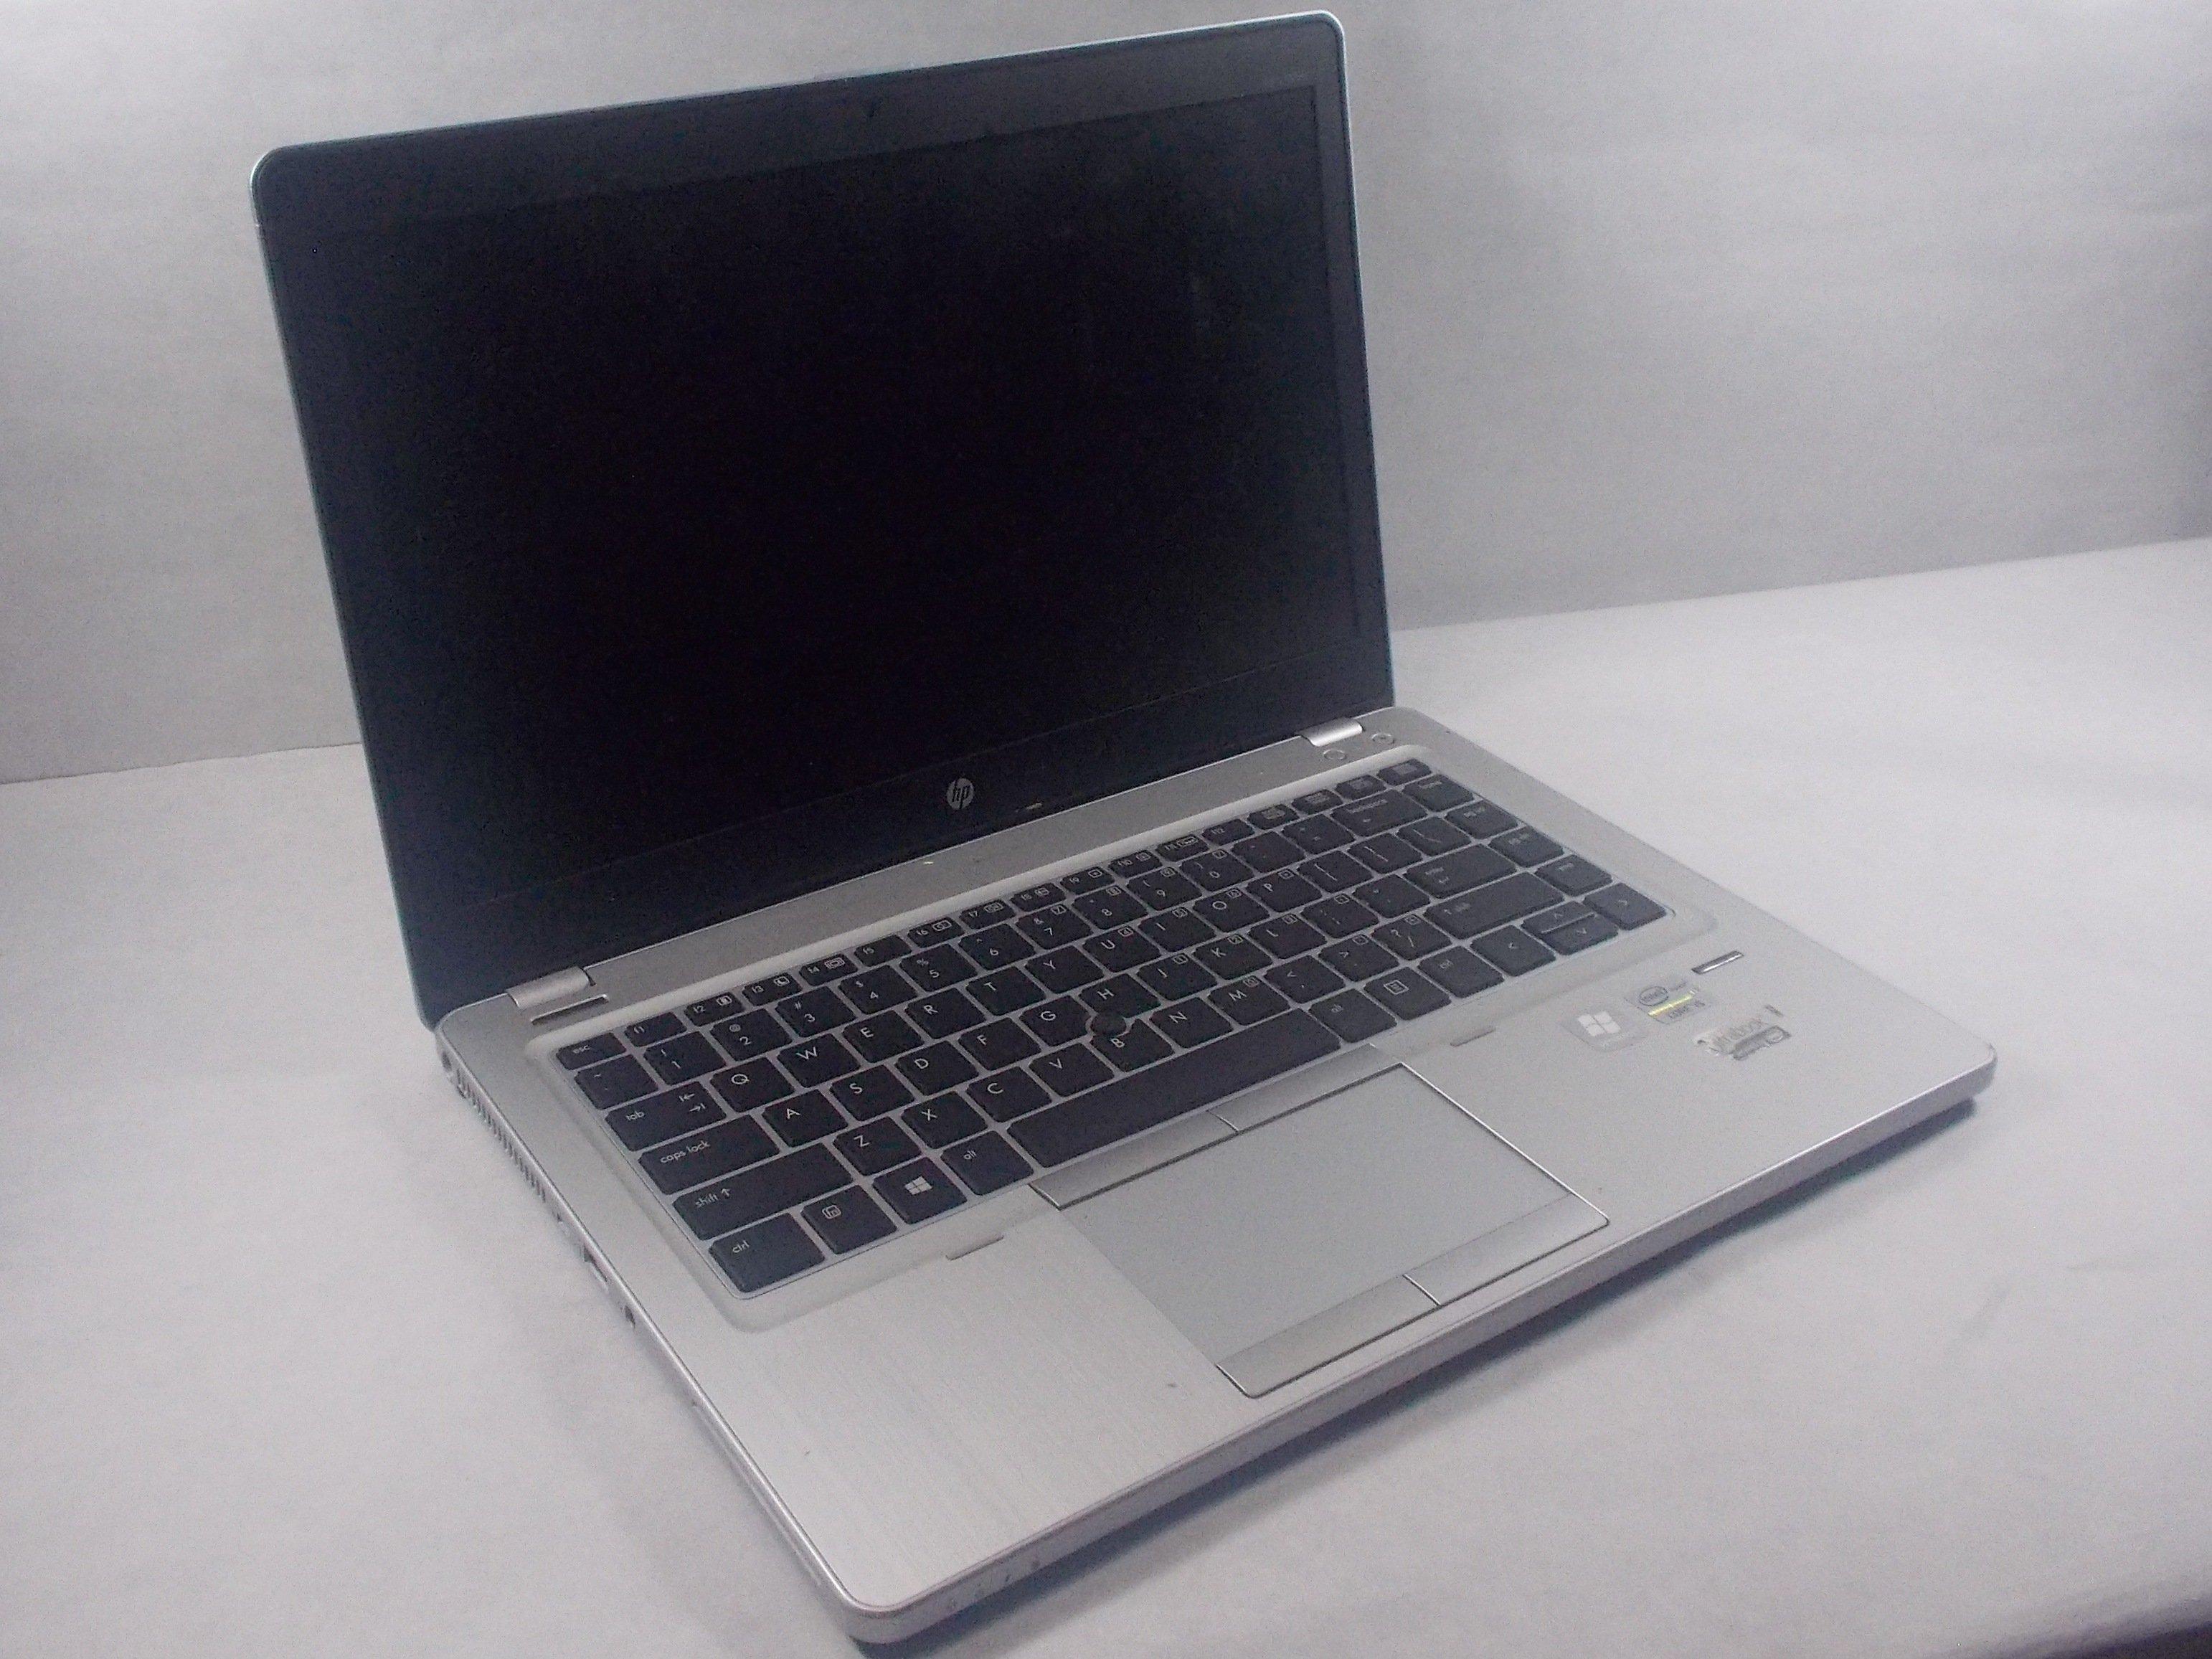 HP Elitebook Folio 9470m Keyboard Replacement - iFixit Repair Guide